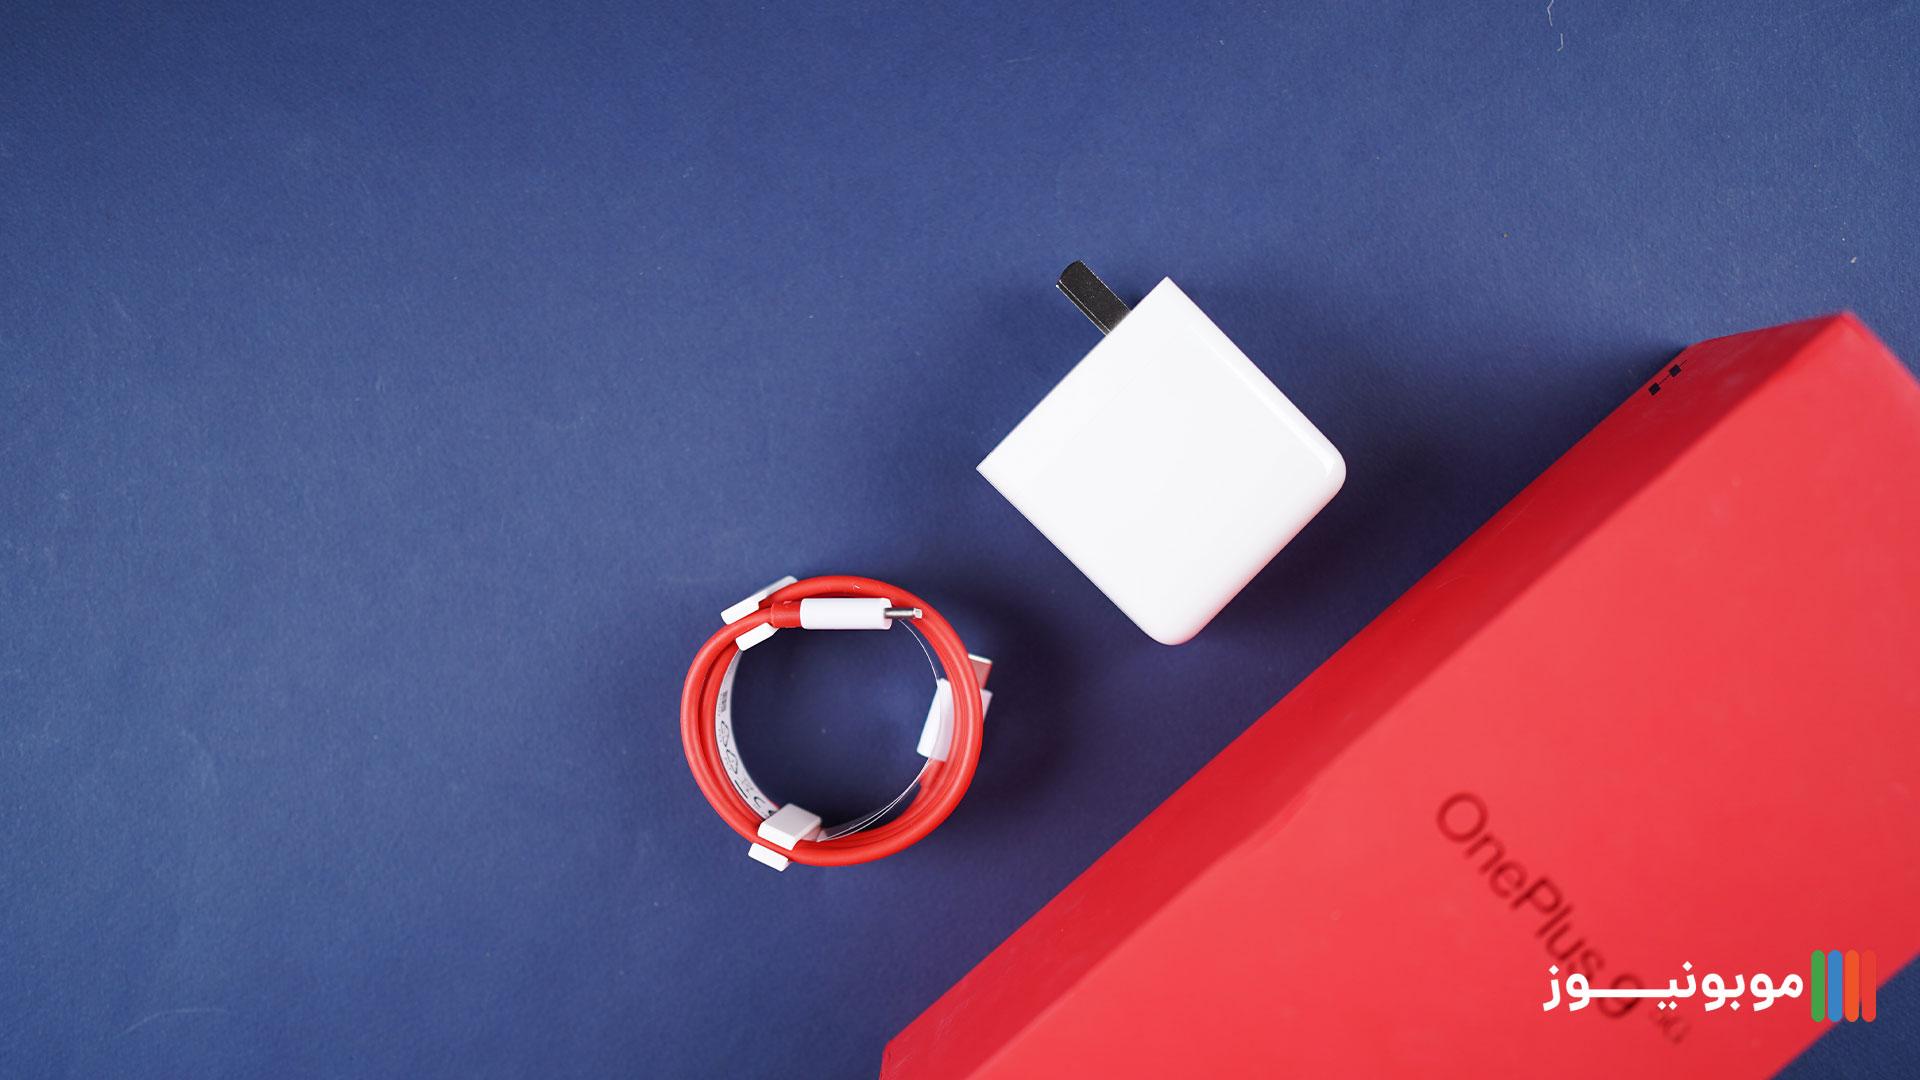 پکیج شارژر OnePlus 9